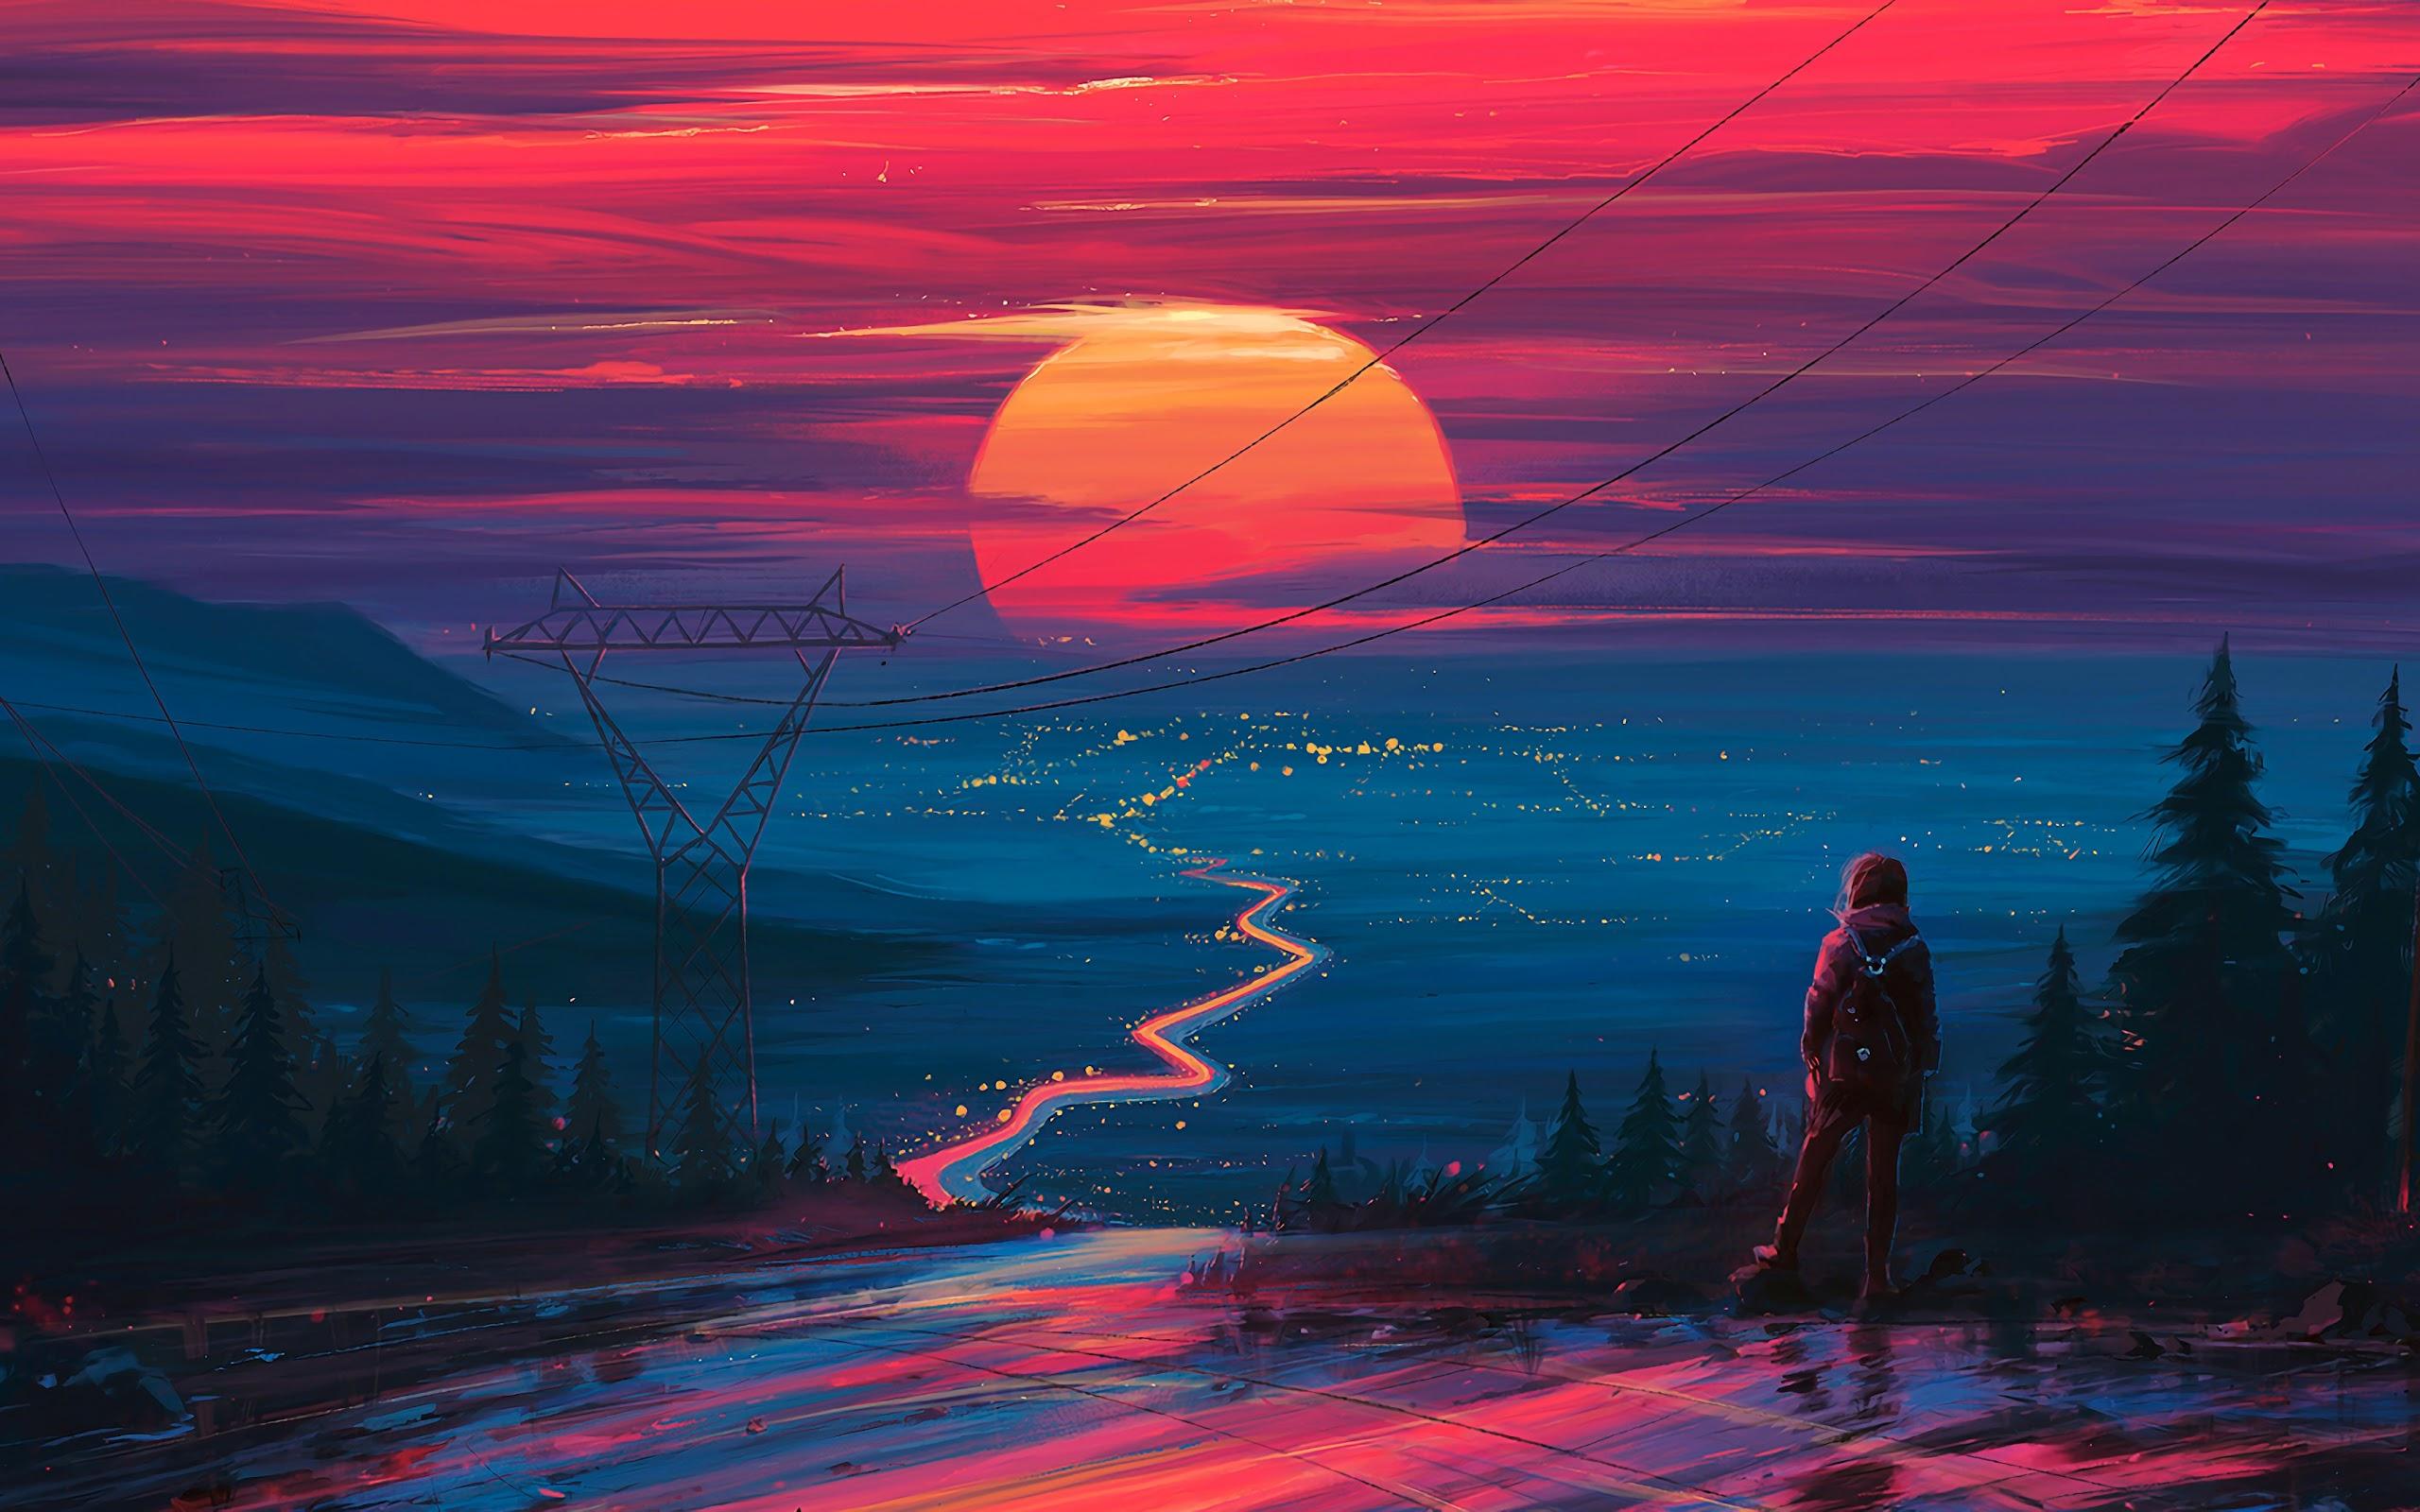 Sunset Horizon Scenery Landscape Art 4k Wallpaper 178